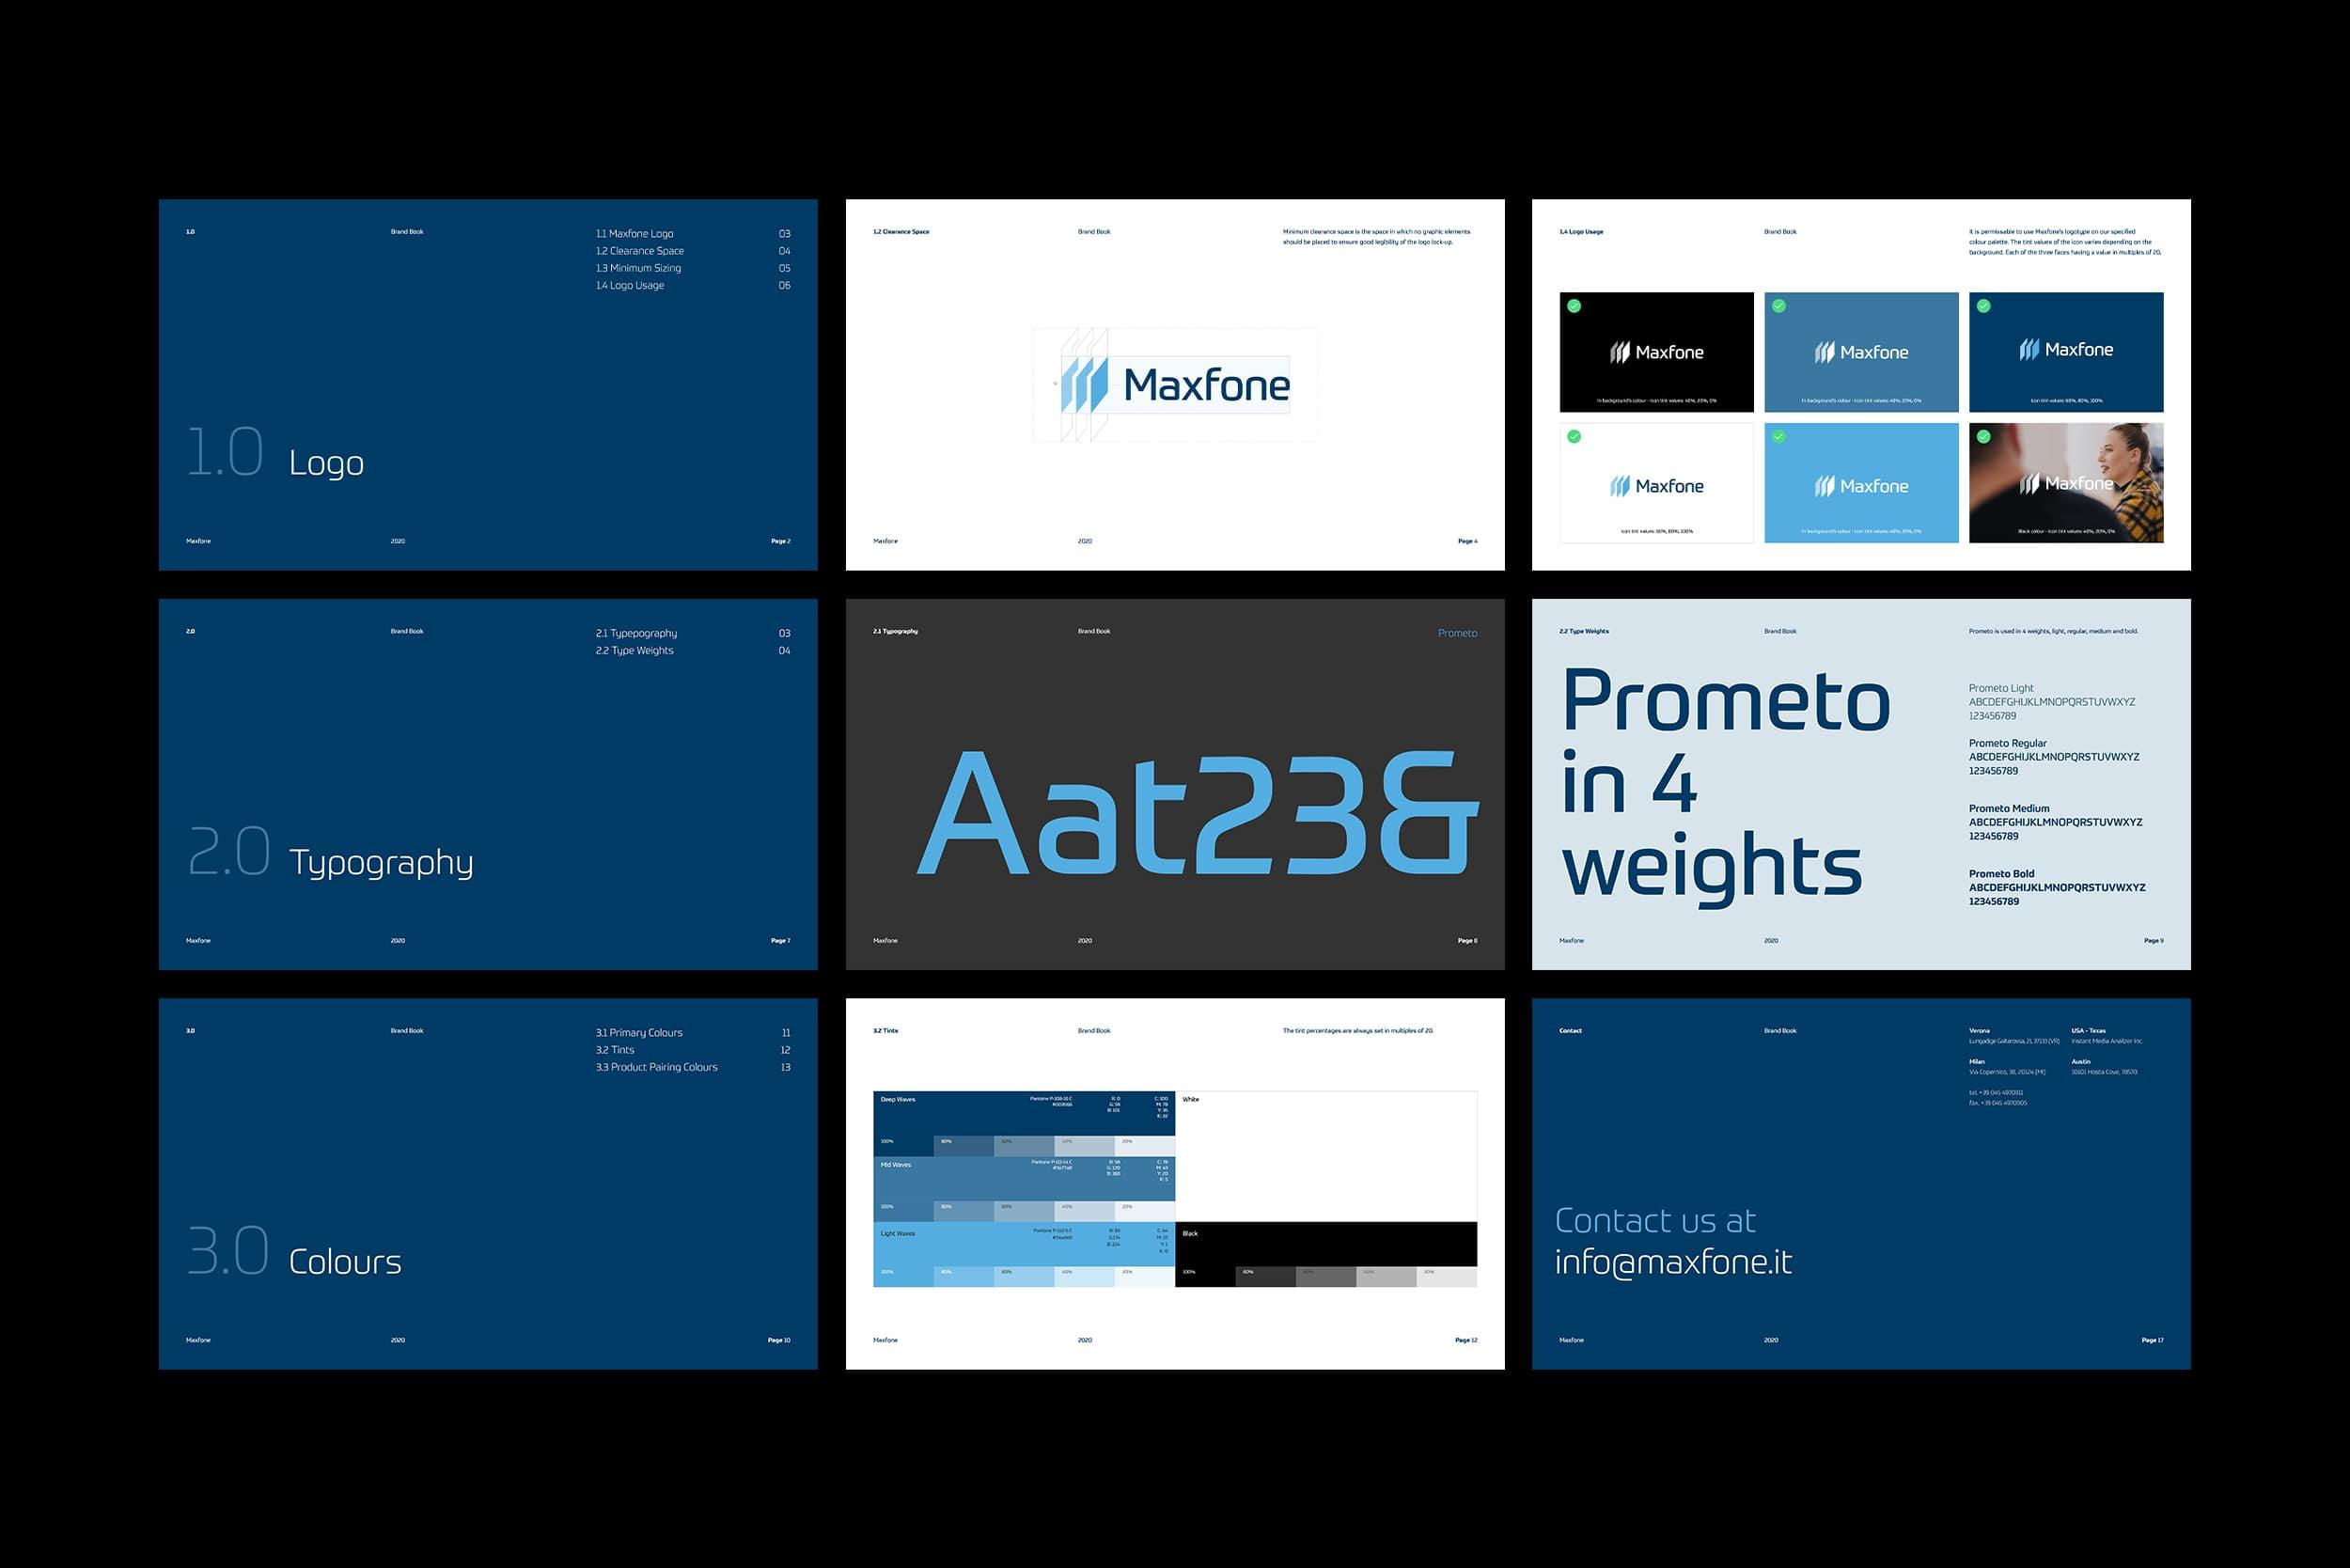 Maxfone brandbook